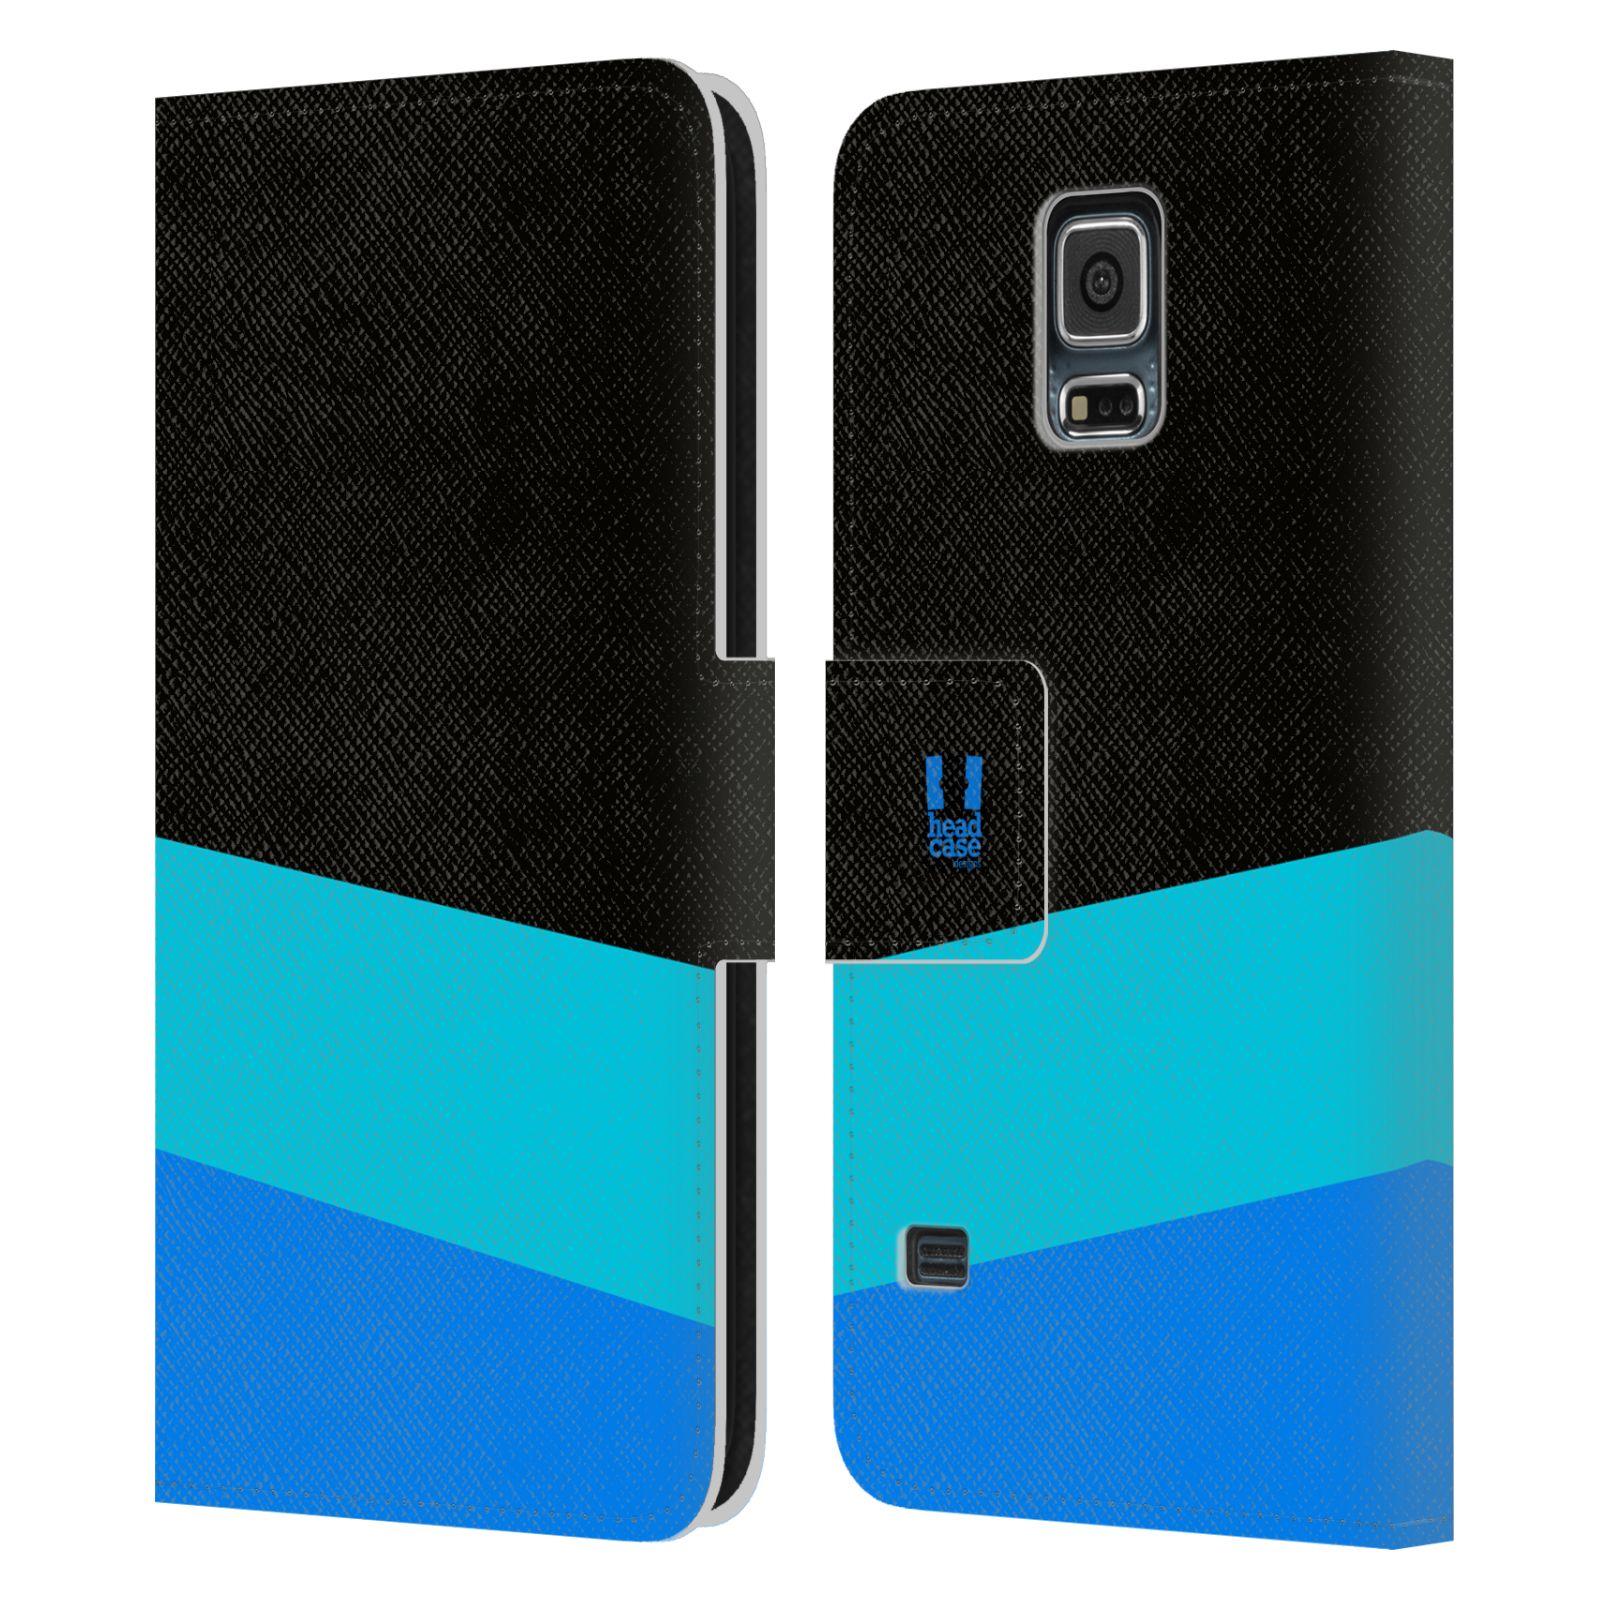 HEAD CASE Flipové pouzdro pro mobil Samsung Galaxy S5 barevné tvary modrá a černá FORMAL